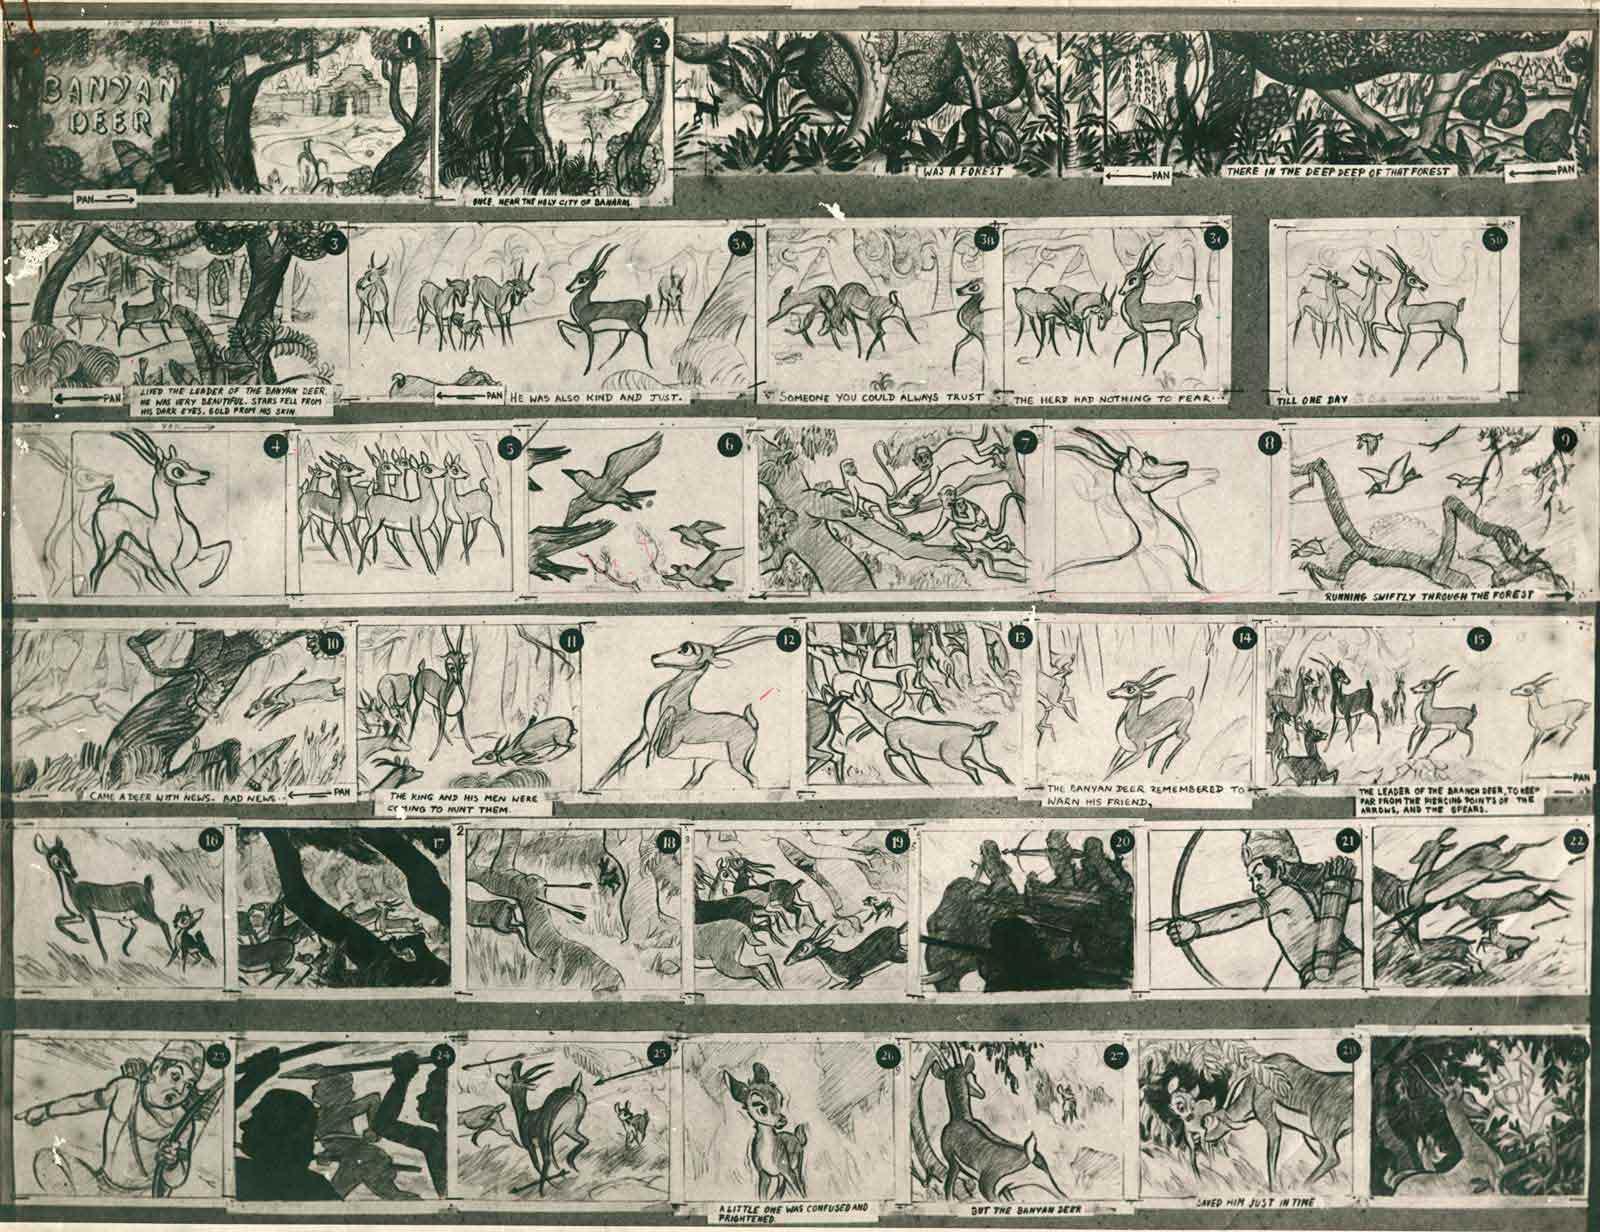 07-Storyboard-banyan01-big